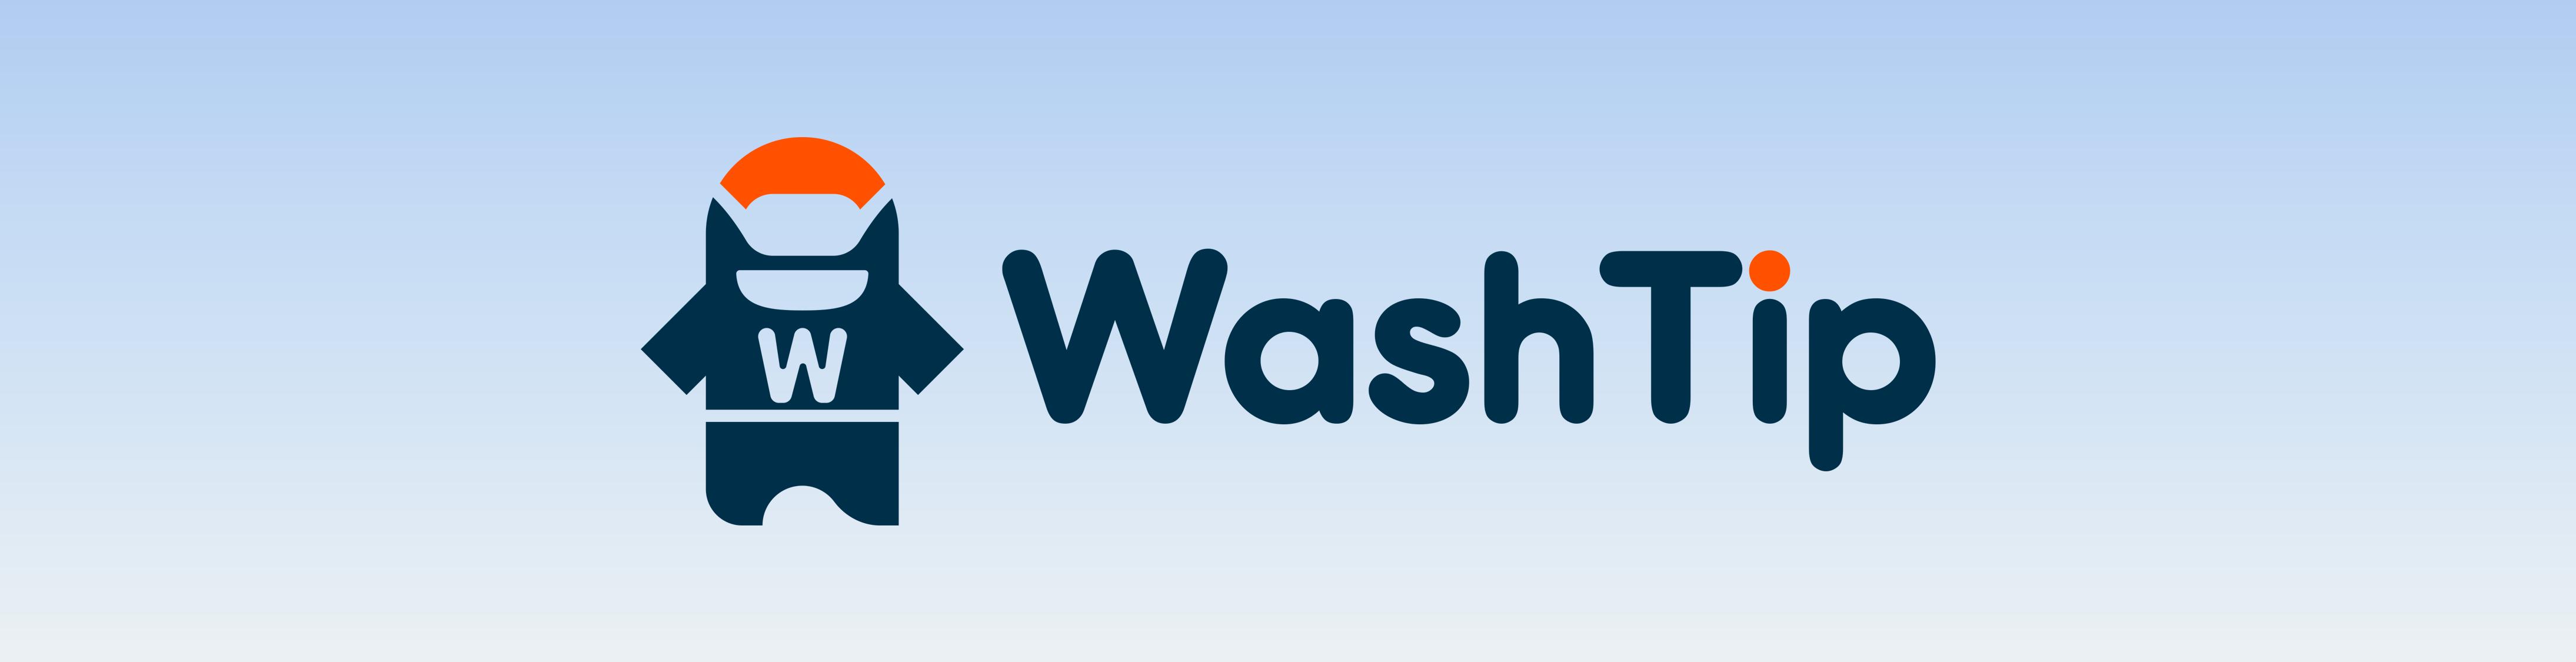 Разработка логотипа для онлайн-сервиса химчистки фото f_9835c0c02c08dfe3.png